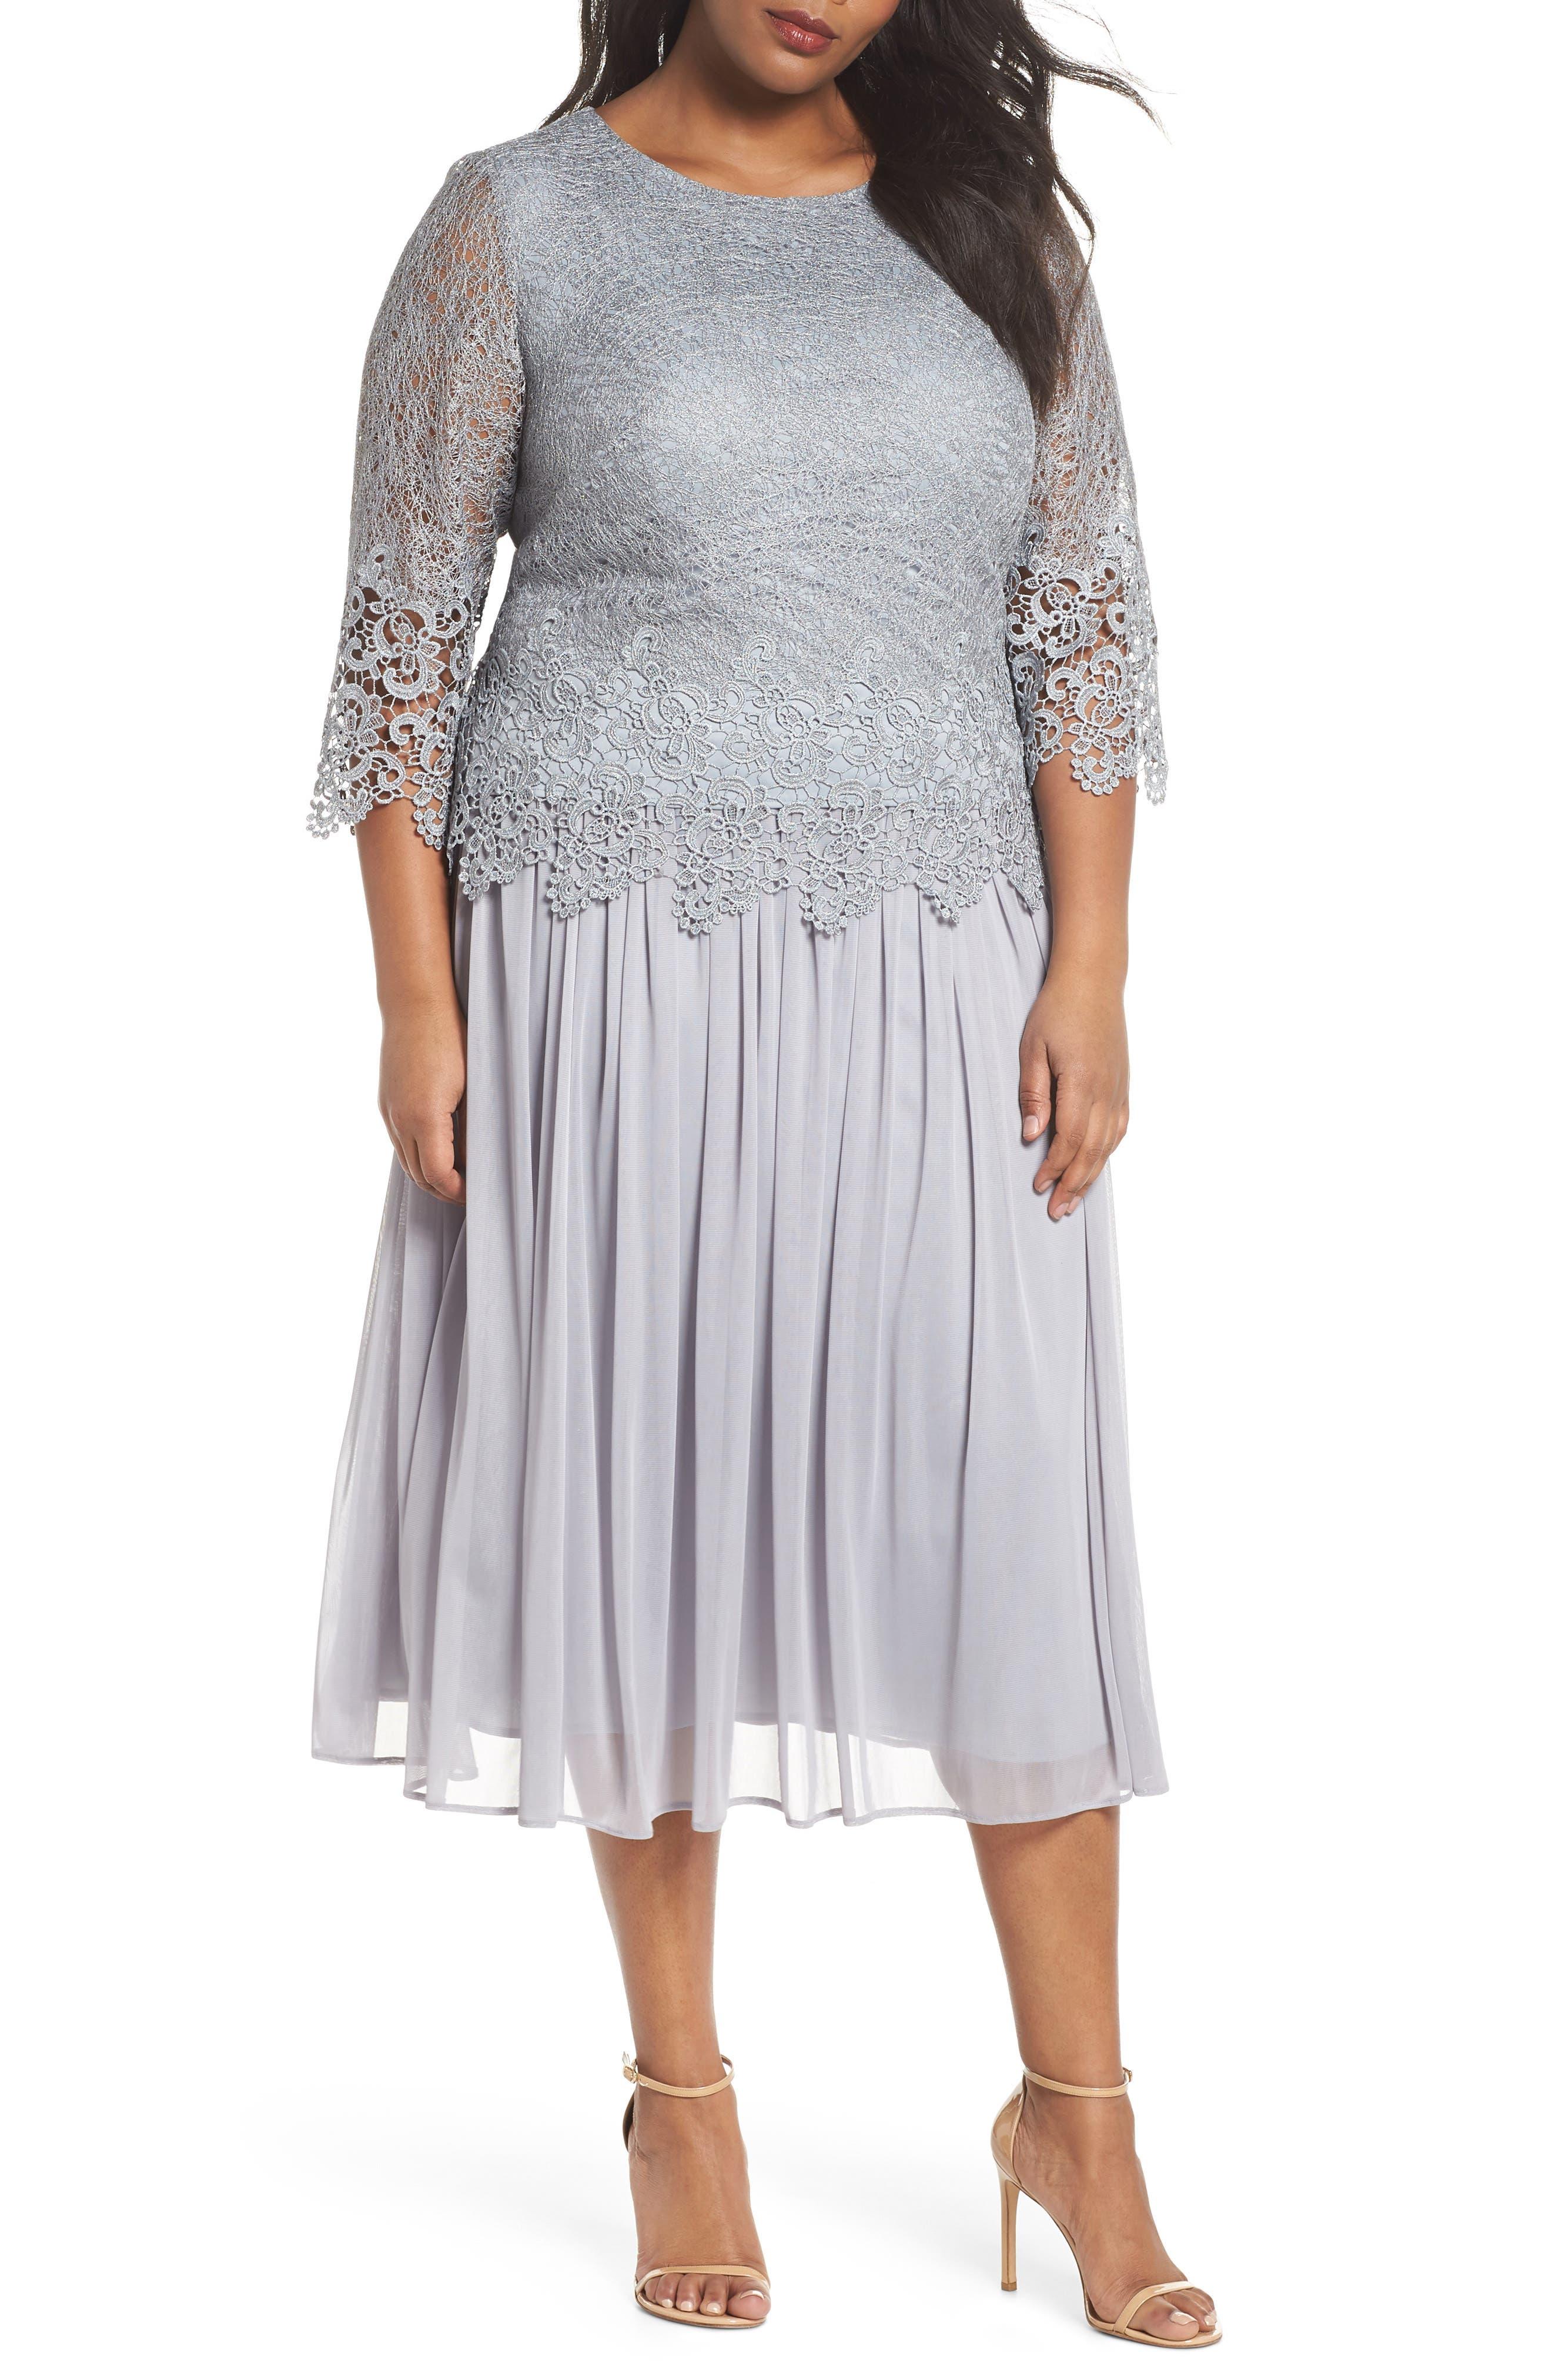 Plus Size Alex Evenings Lace & Chiffon Tea Length Dress